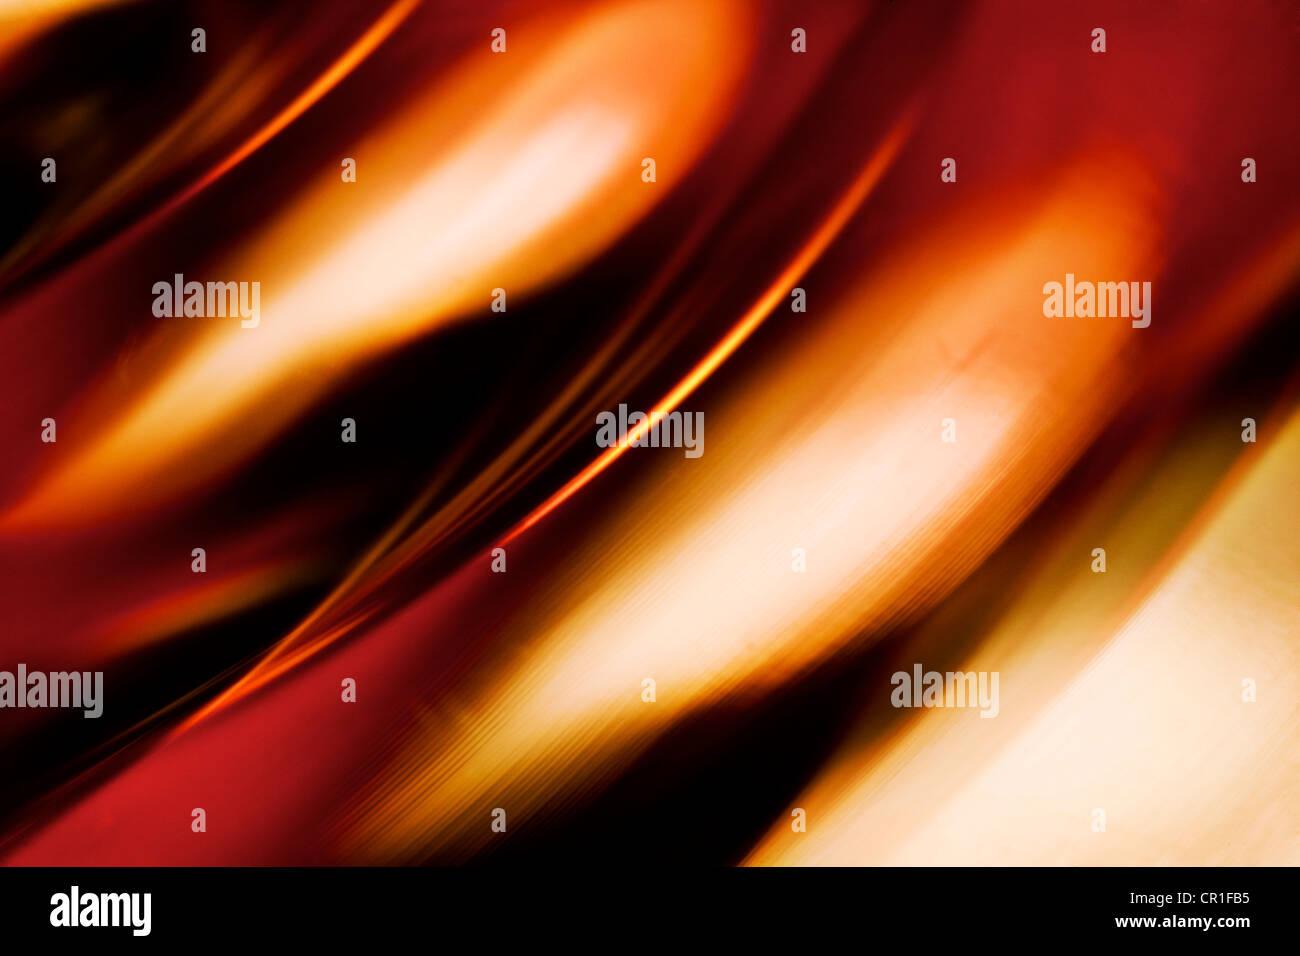 Primo piano di vetro colorato. Immagine astratta prese con elevato ingrandimento Lenti macro. Immagini Stock